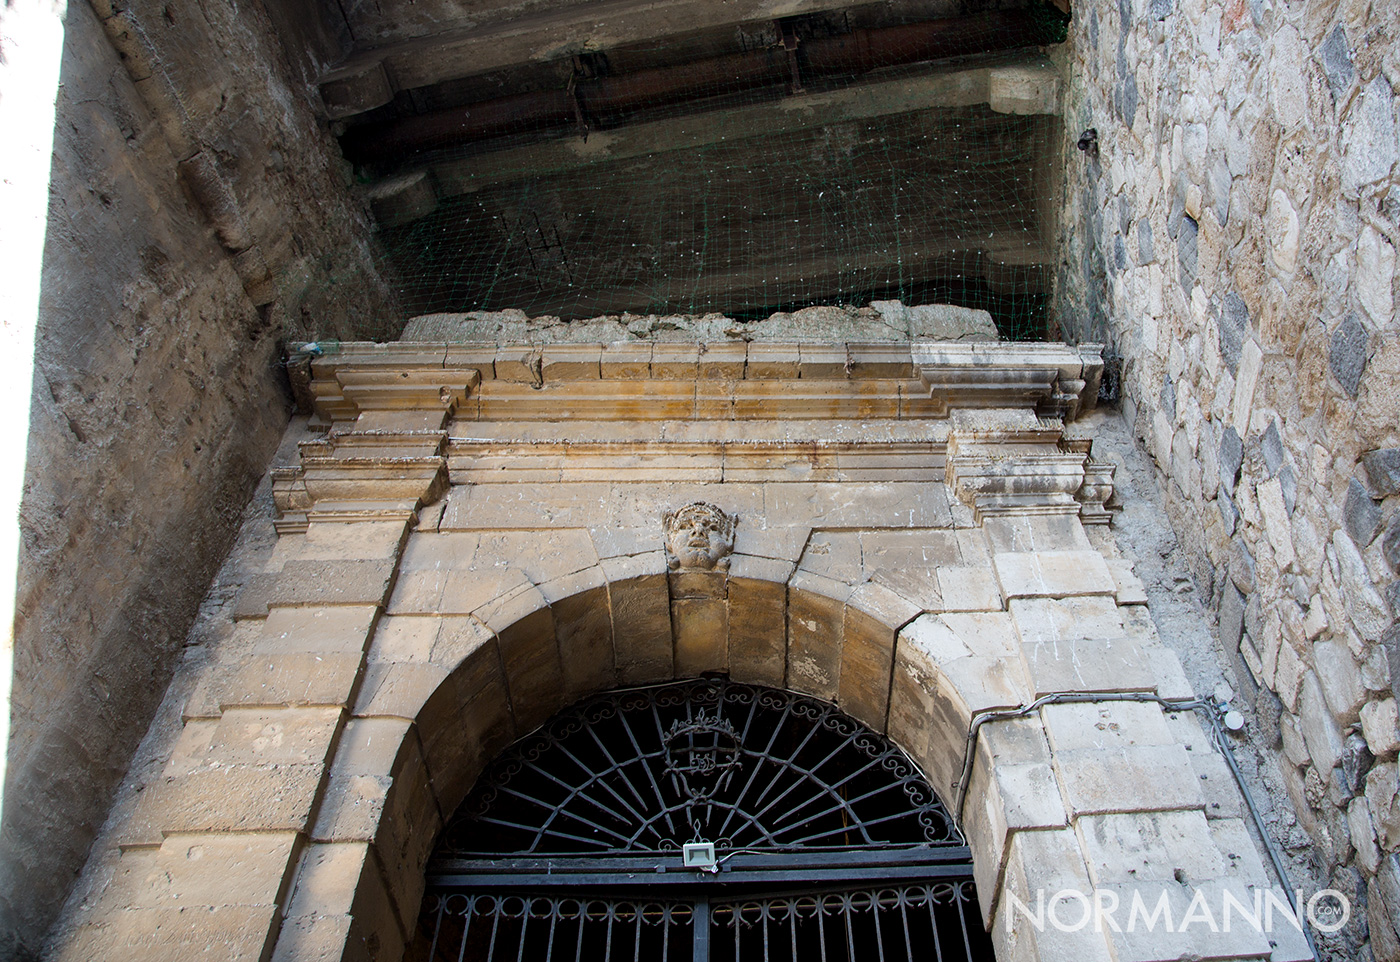 portale delle vecchie carceri di rocca guelfonia (castello mata-griffones) aperte in occasione de le vie dei tesori 2019 a messina